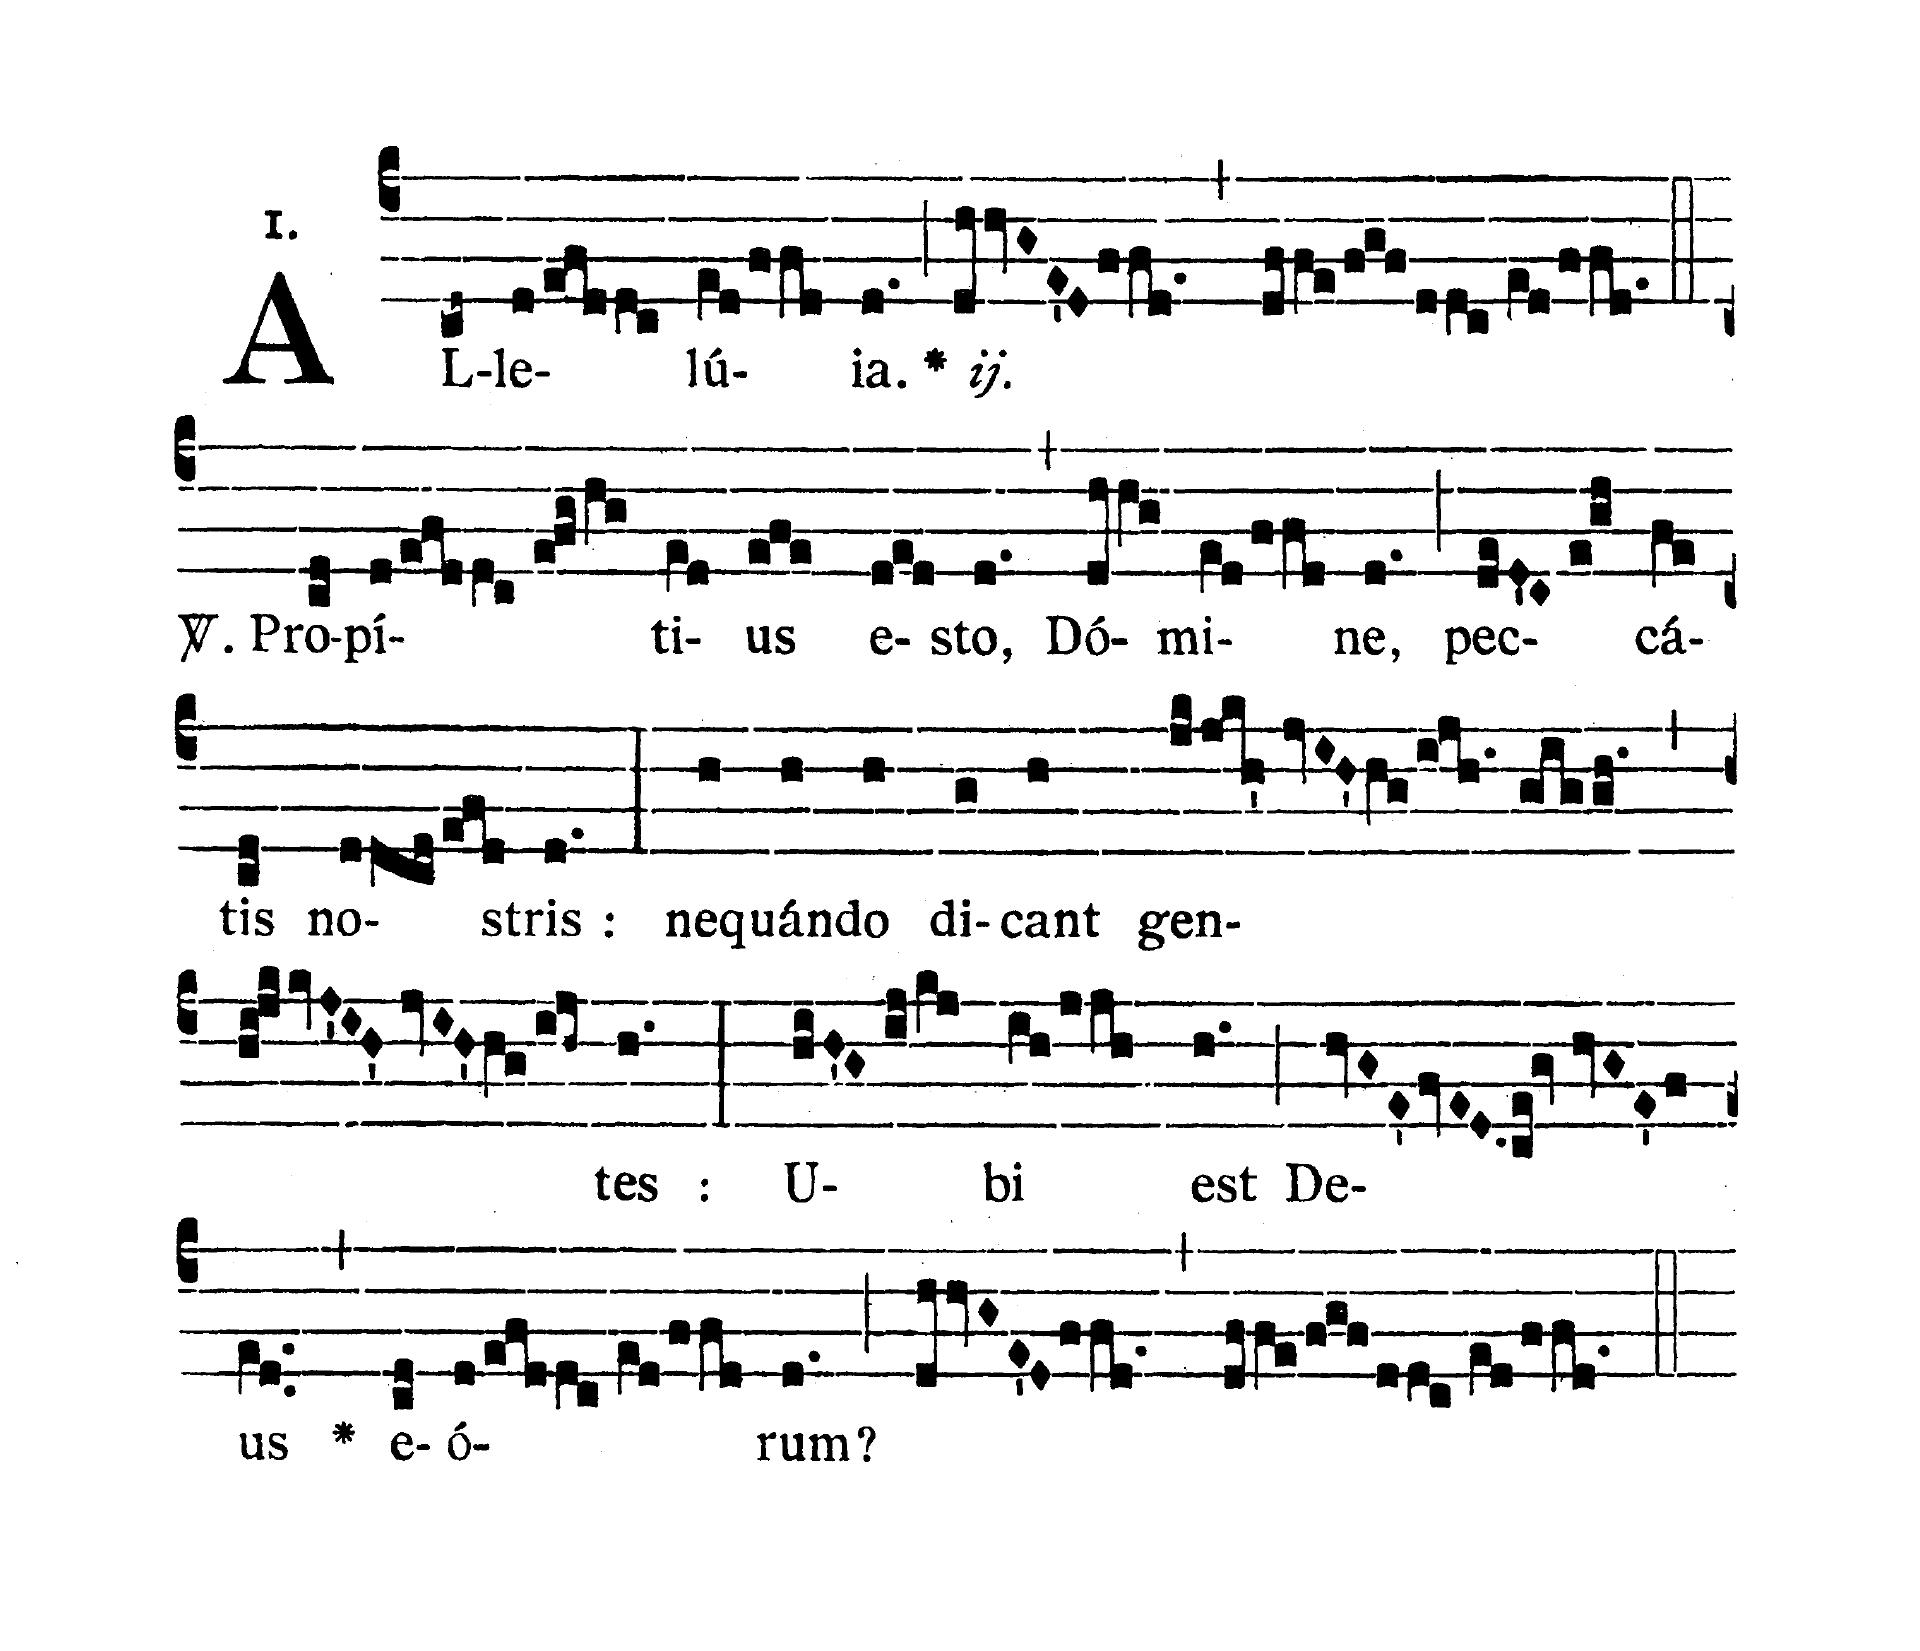 In Litaniis Majoribus et in Minoribus Tempore Paschale (Litanie większe i mniejsze w okresie Wielkanocnym) - Alleluia prima (Propitius esto)